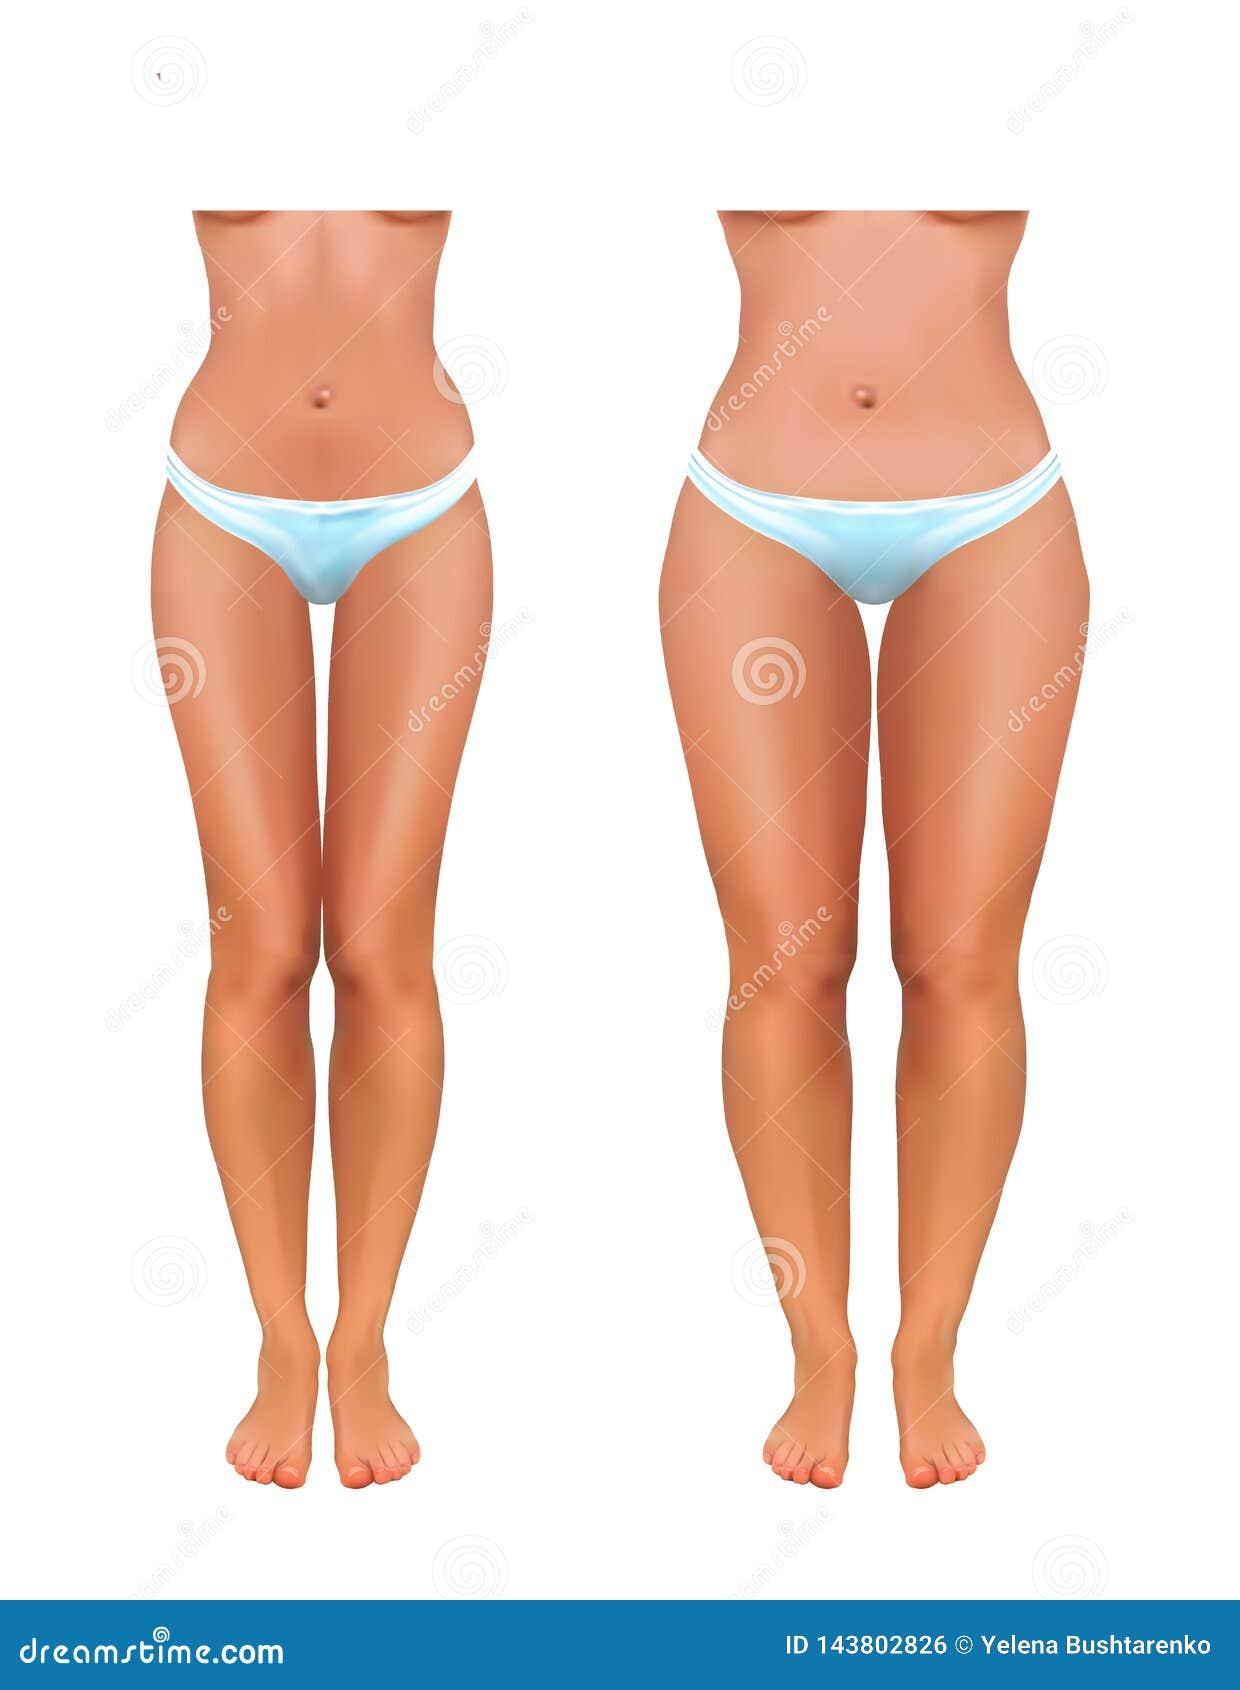 Les 4 types de graisse corporelle